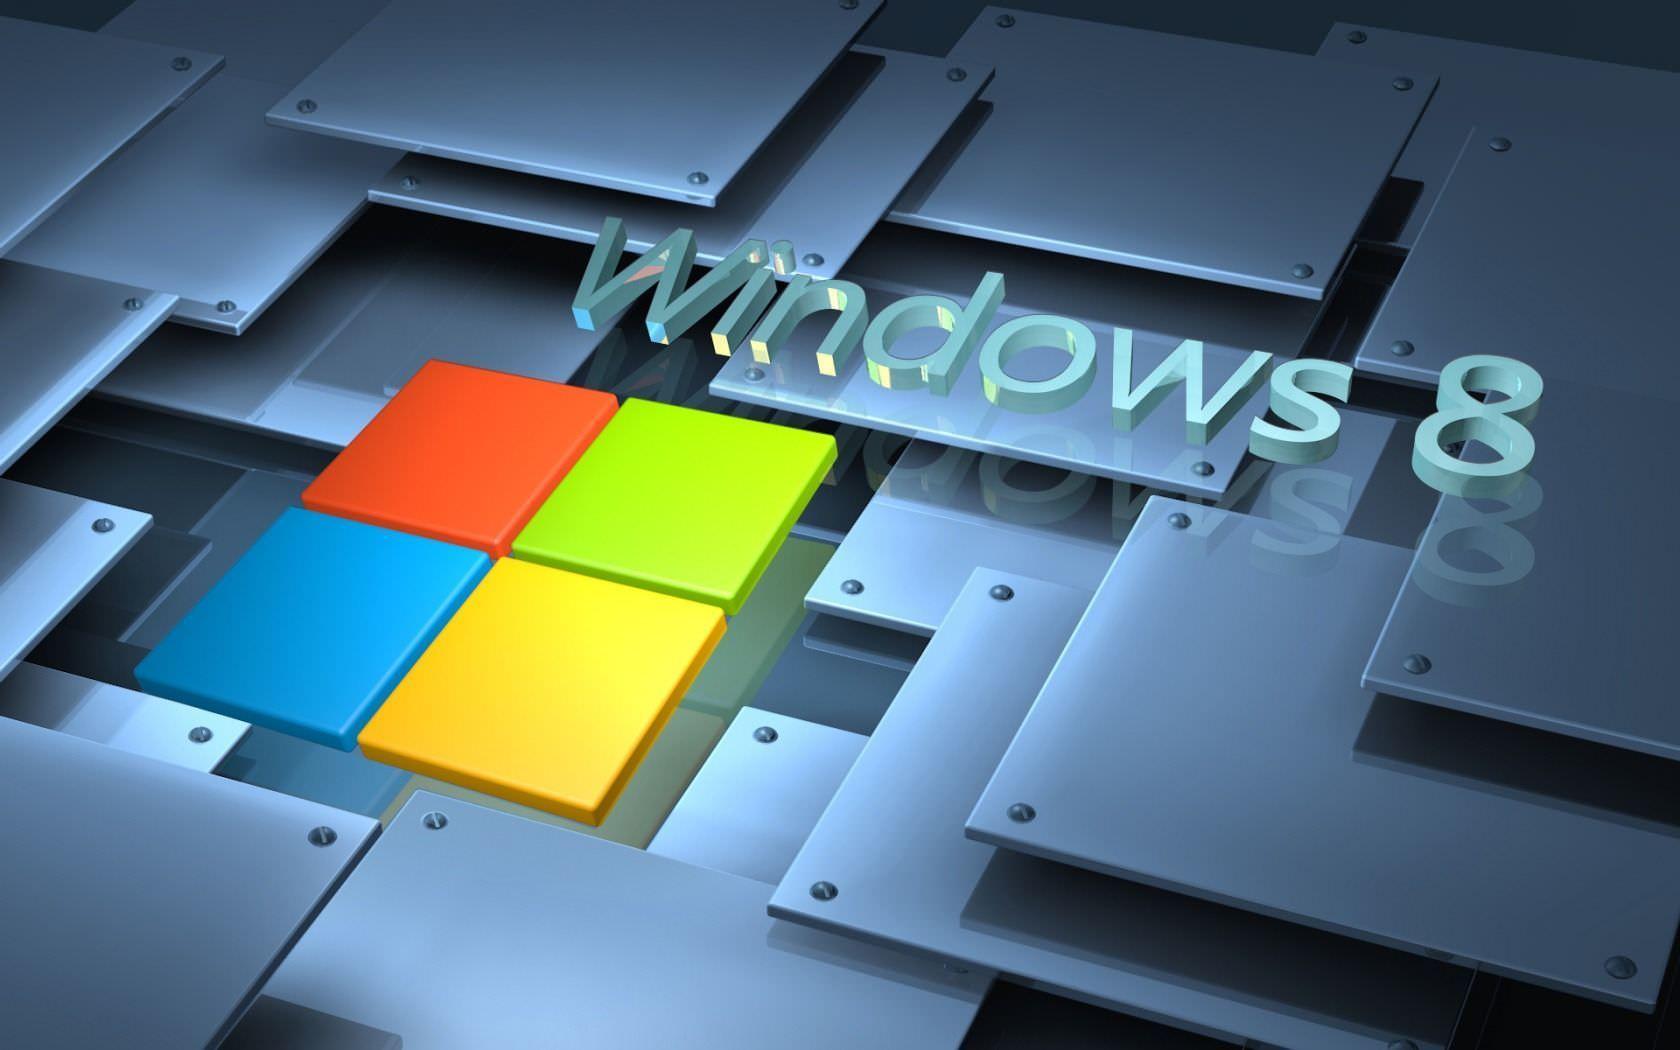 Clipart 3d Bergerak Windows 7 ClipartFox Windows 7 3d Clipart